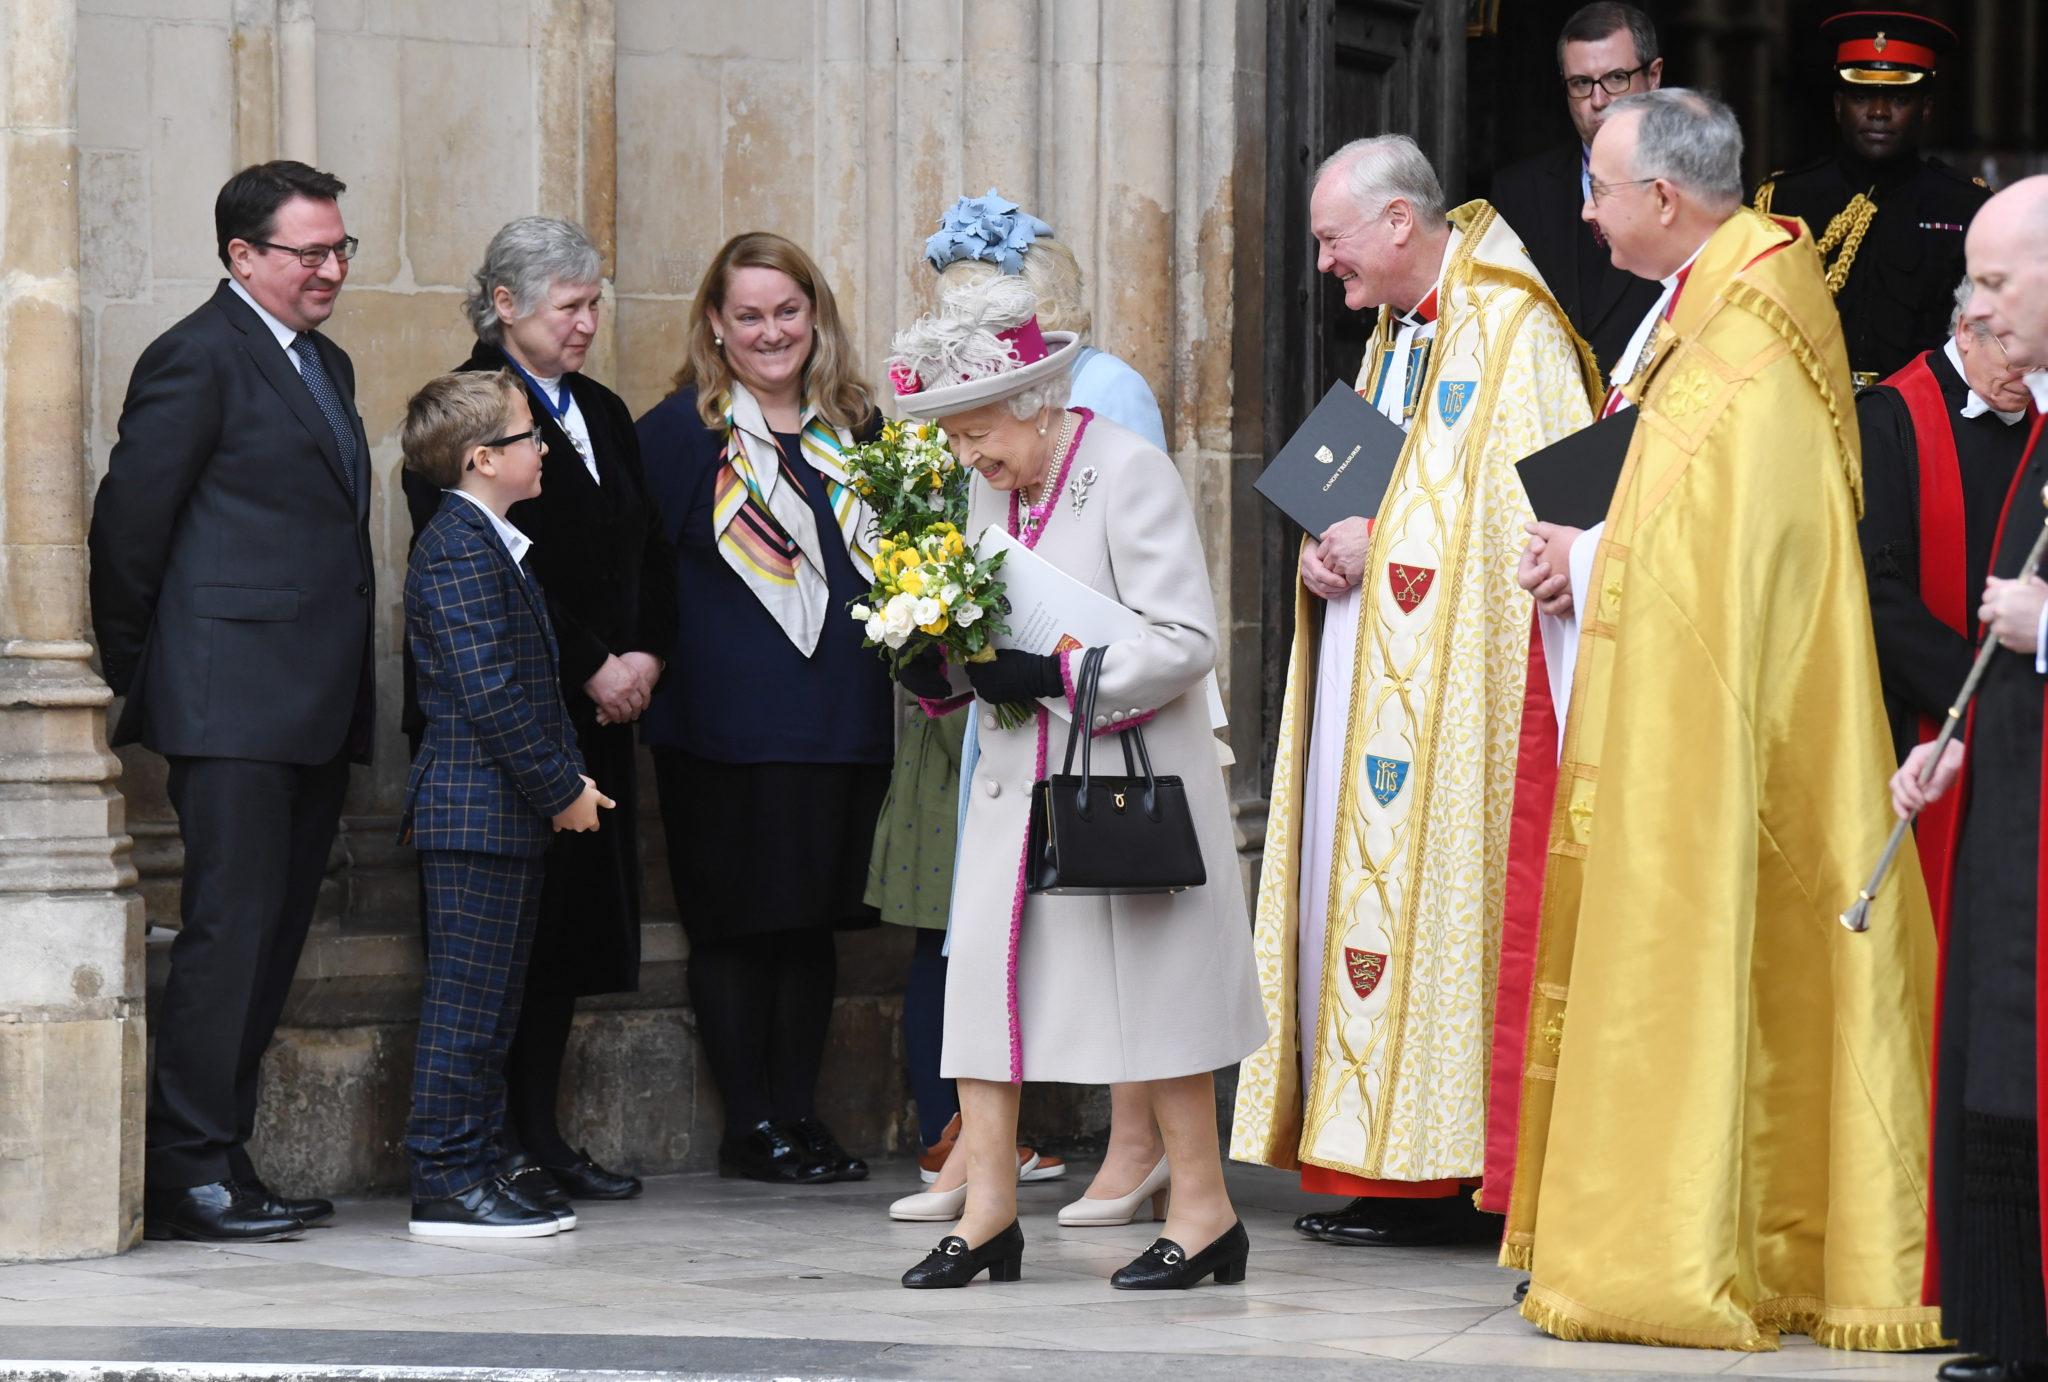 Londyn: Królowa Elżbieta II i księżna Kornwalii wyjeżdżają po nabożeństwie z okazji 750 lat, odkąd oryginalny kościół Edwarda Spowiednika został przebudowany za panowania króla Henryka III w opactwie Westminster, fot. FACUNDO ARRIZABALAGA, PAP/EPA